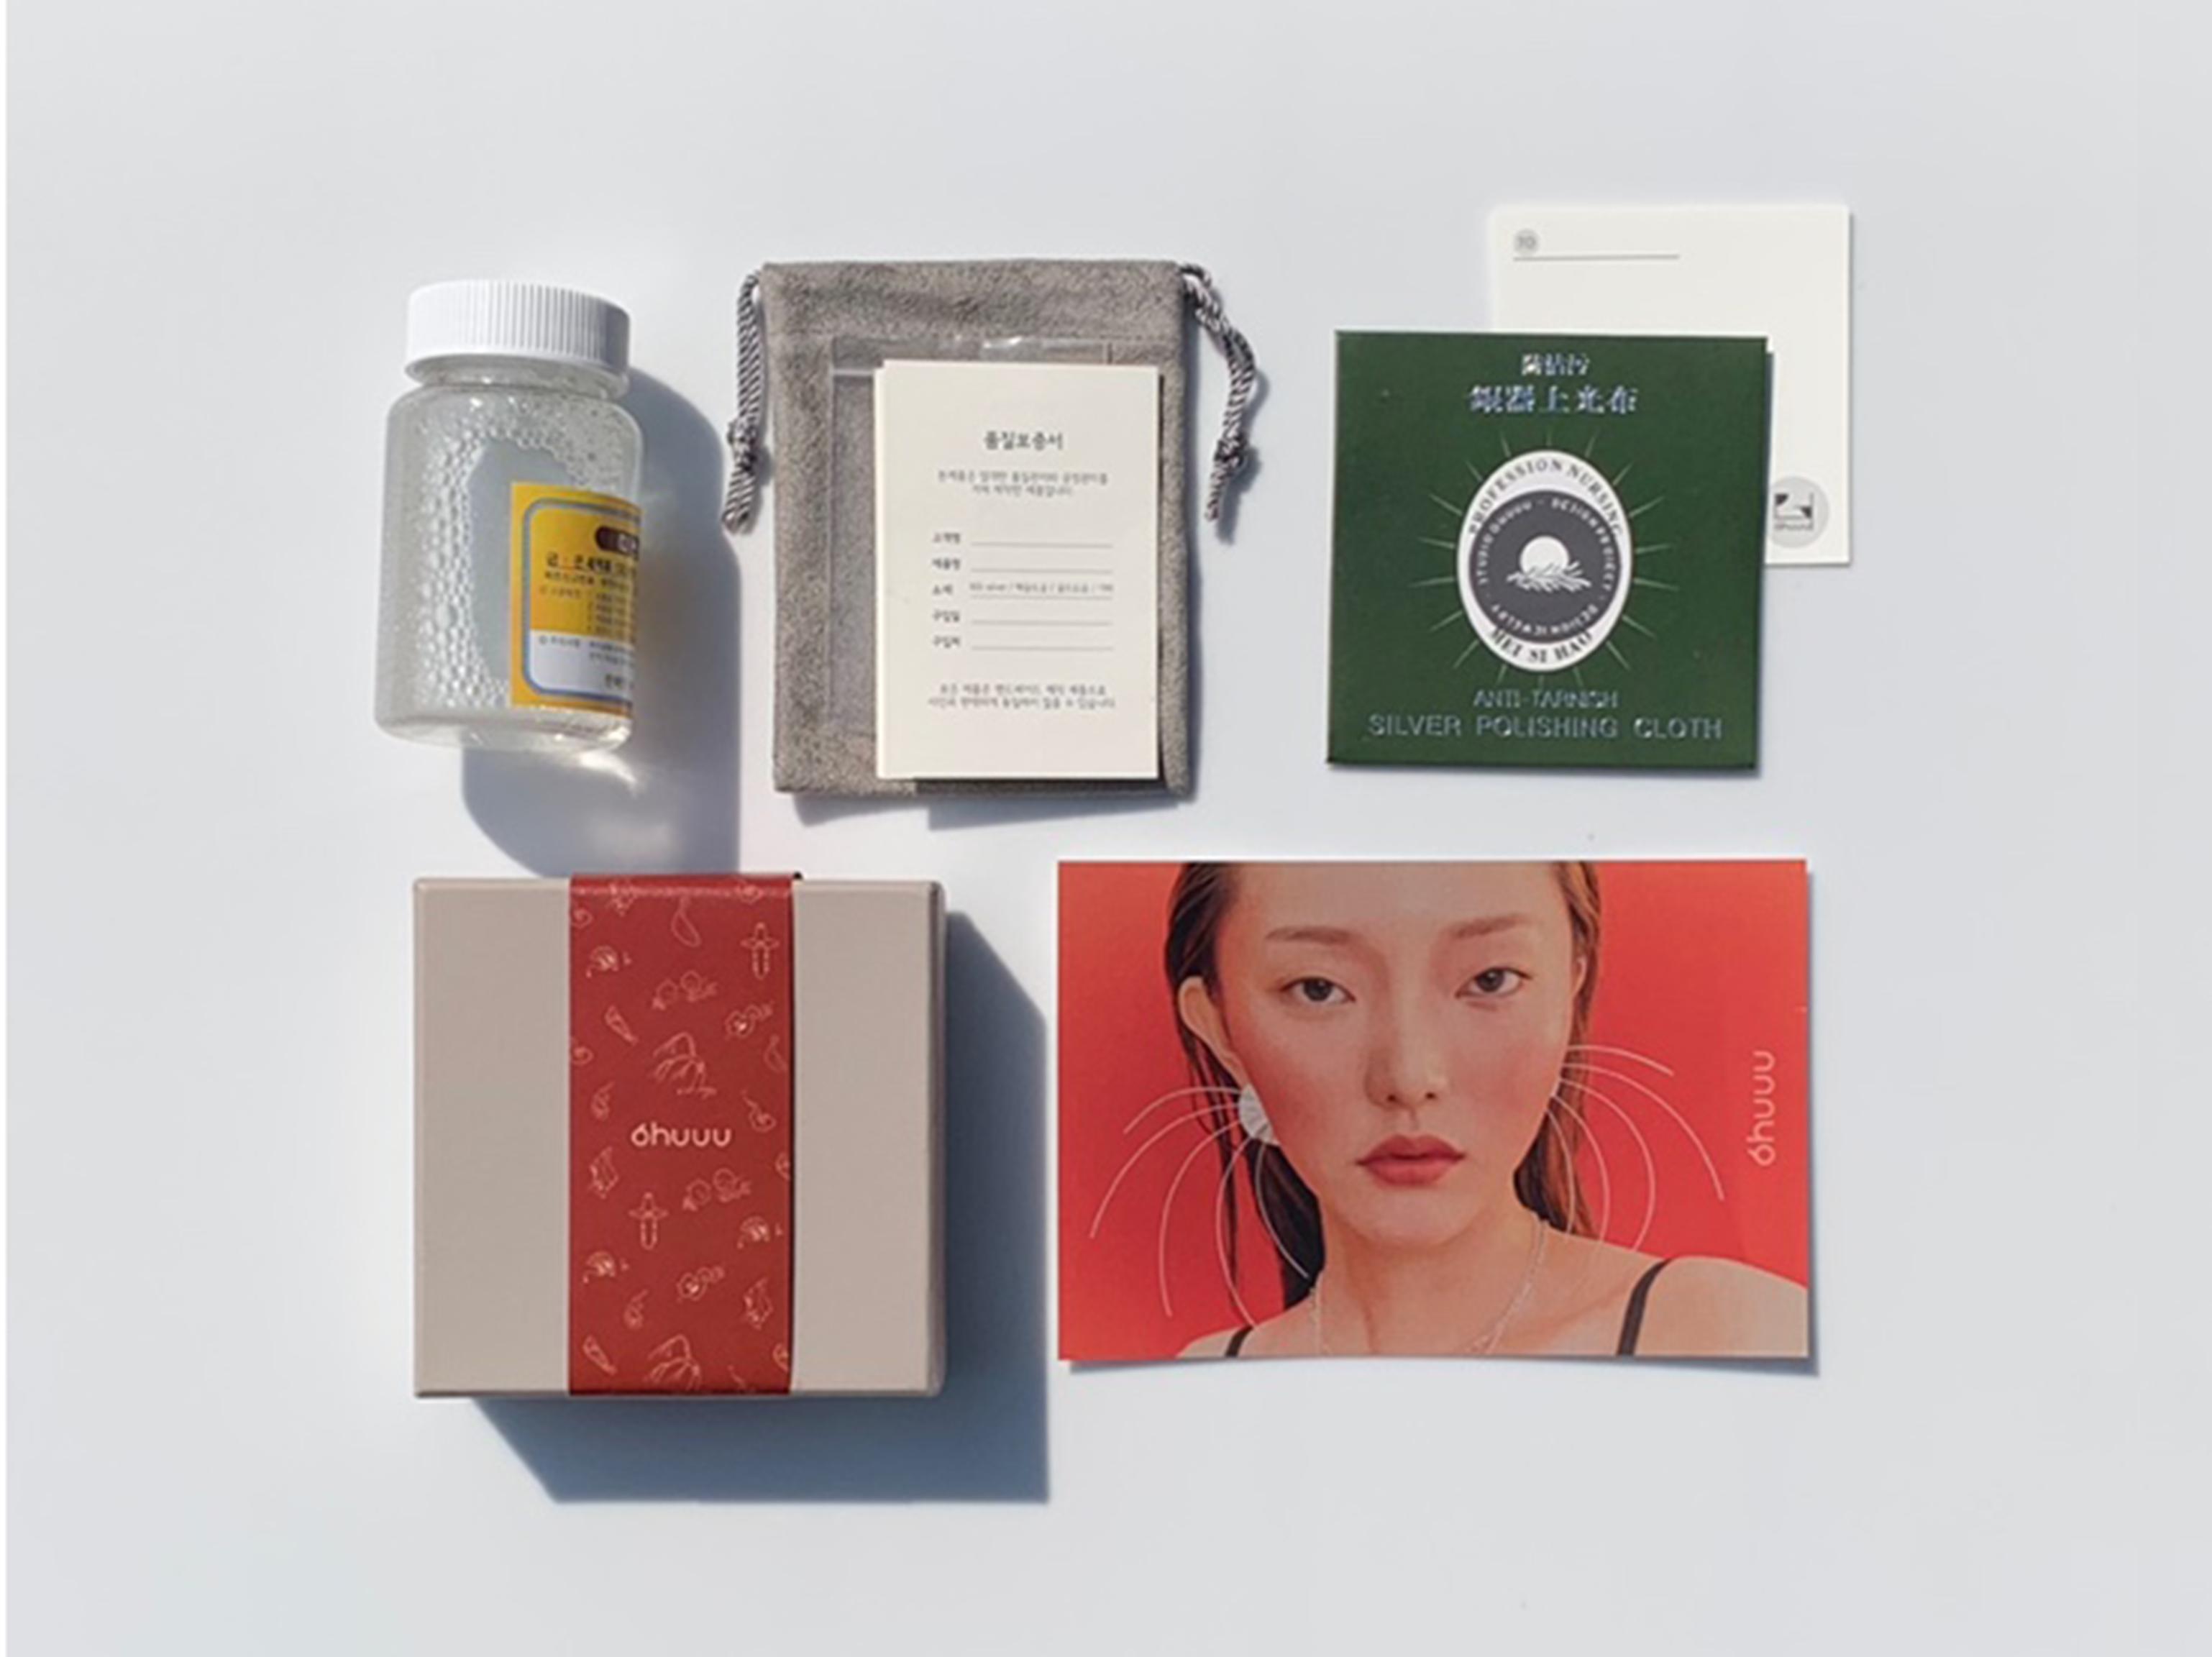 명사 갓 귀걸이 _ Myeongsa gat post earring - 스튜디오 오후, 78,000원, 실버, 볼귀걸이